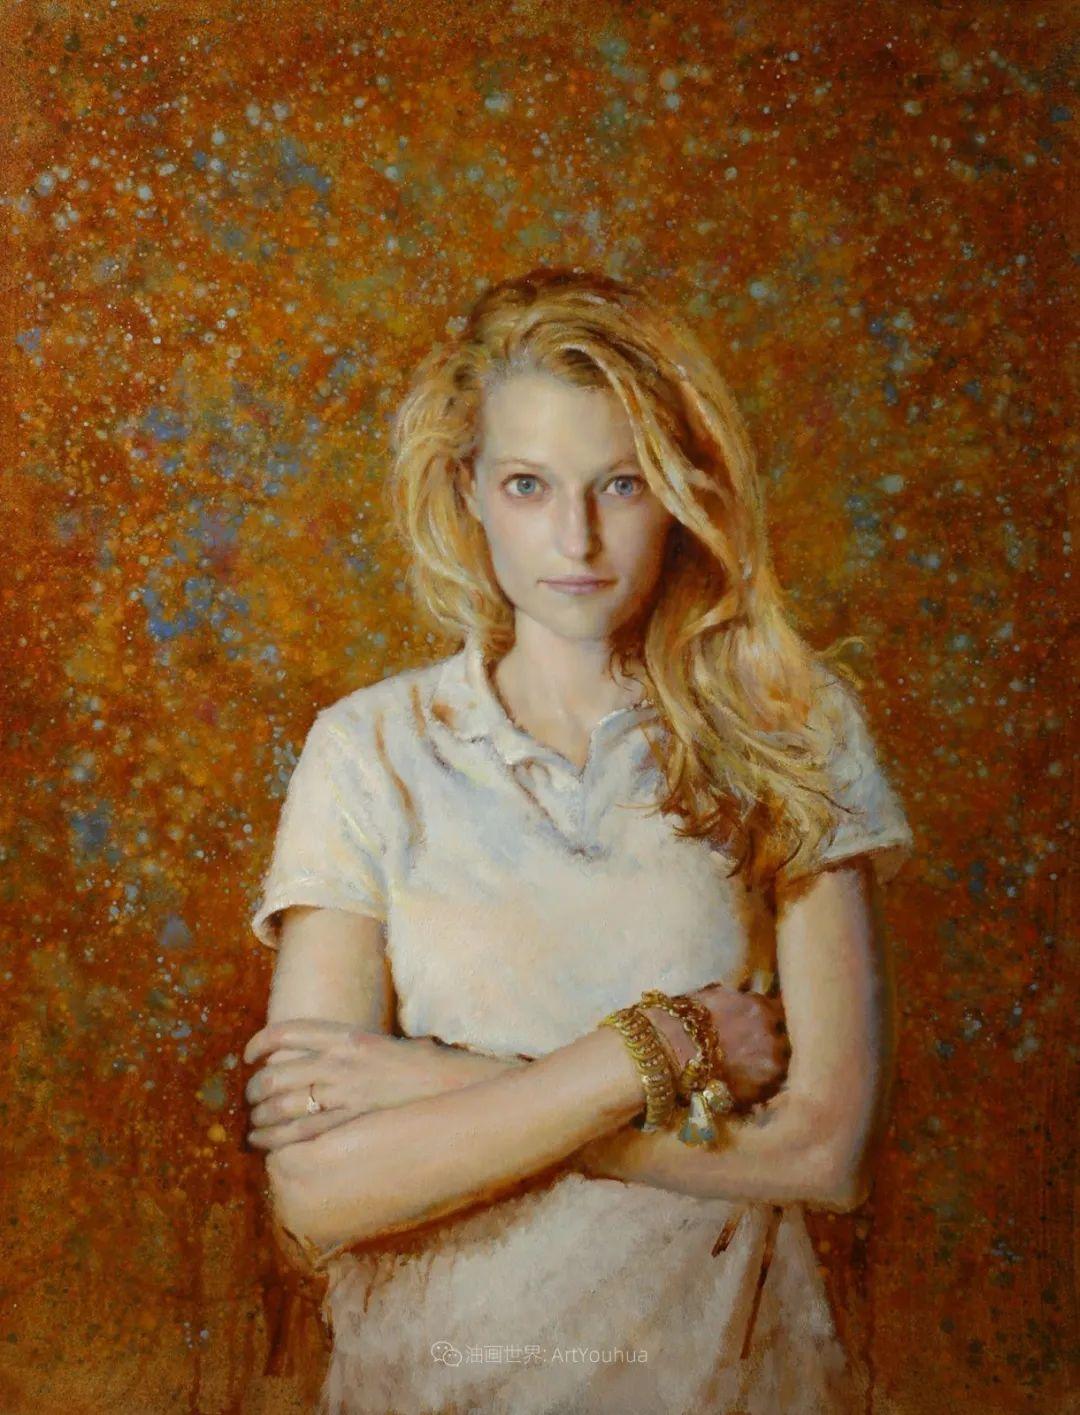 有趣而独特的人物肖像画,美国画家塞思·哈维坎普插图23